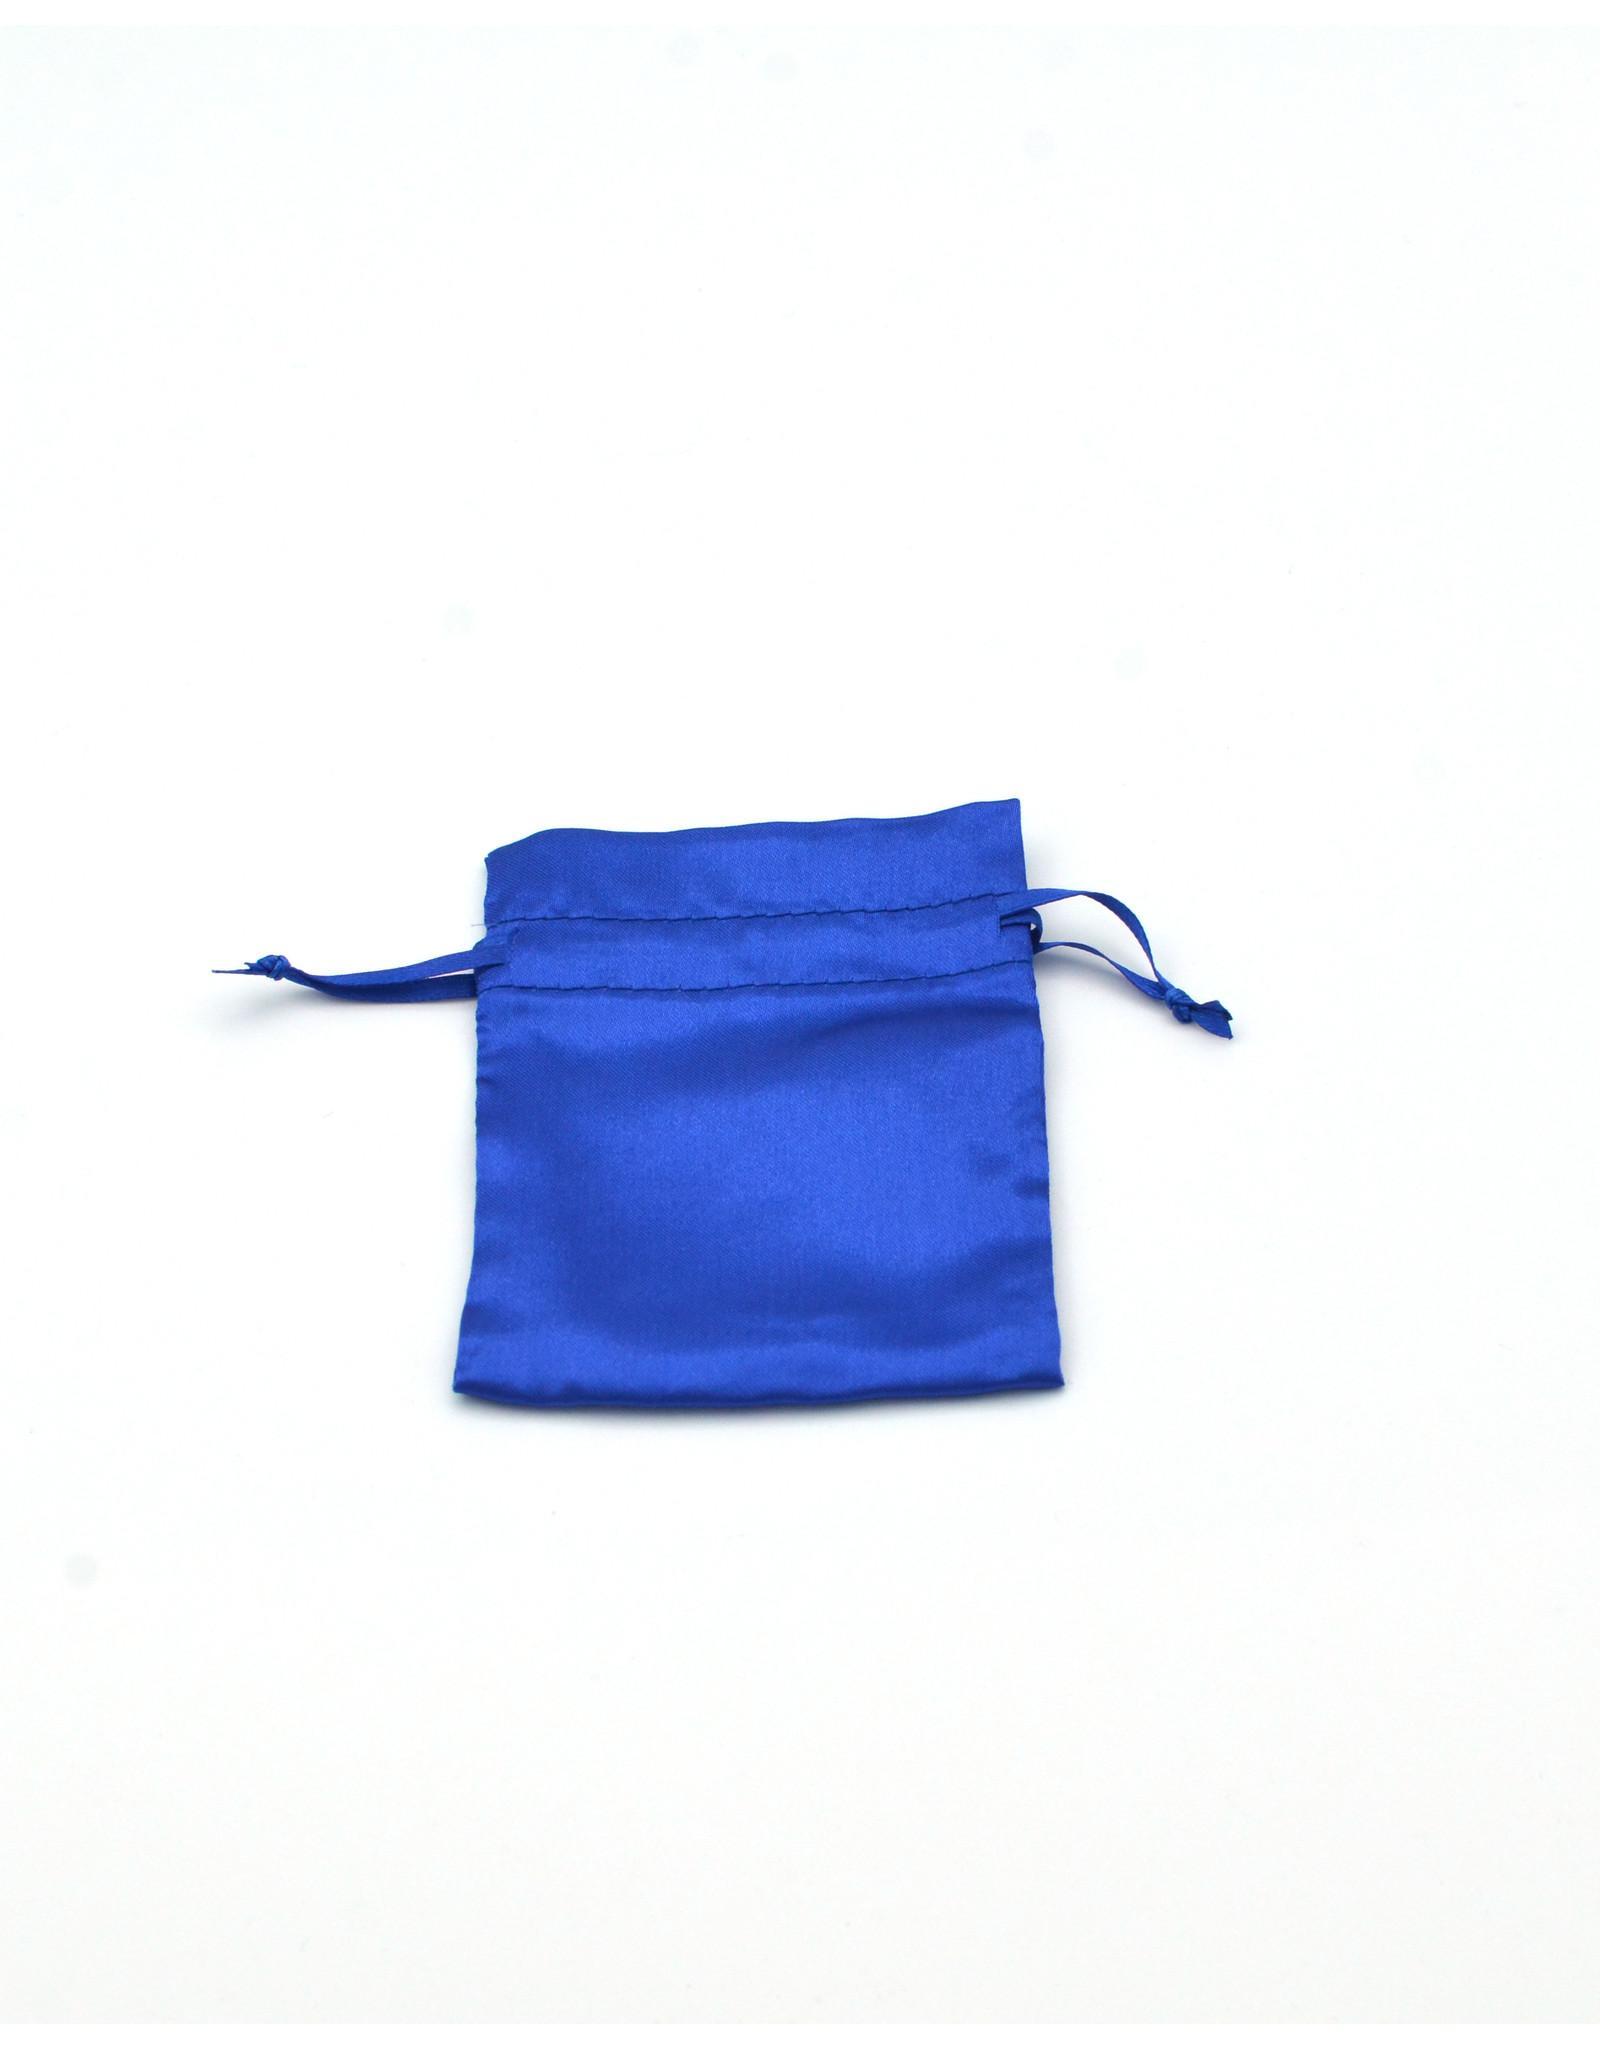 Blue Jupiter Charm Bag